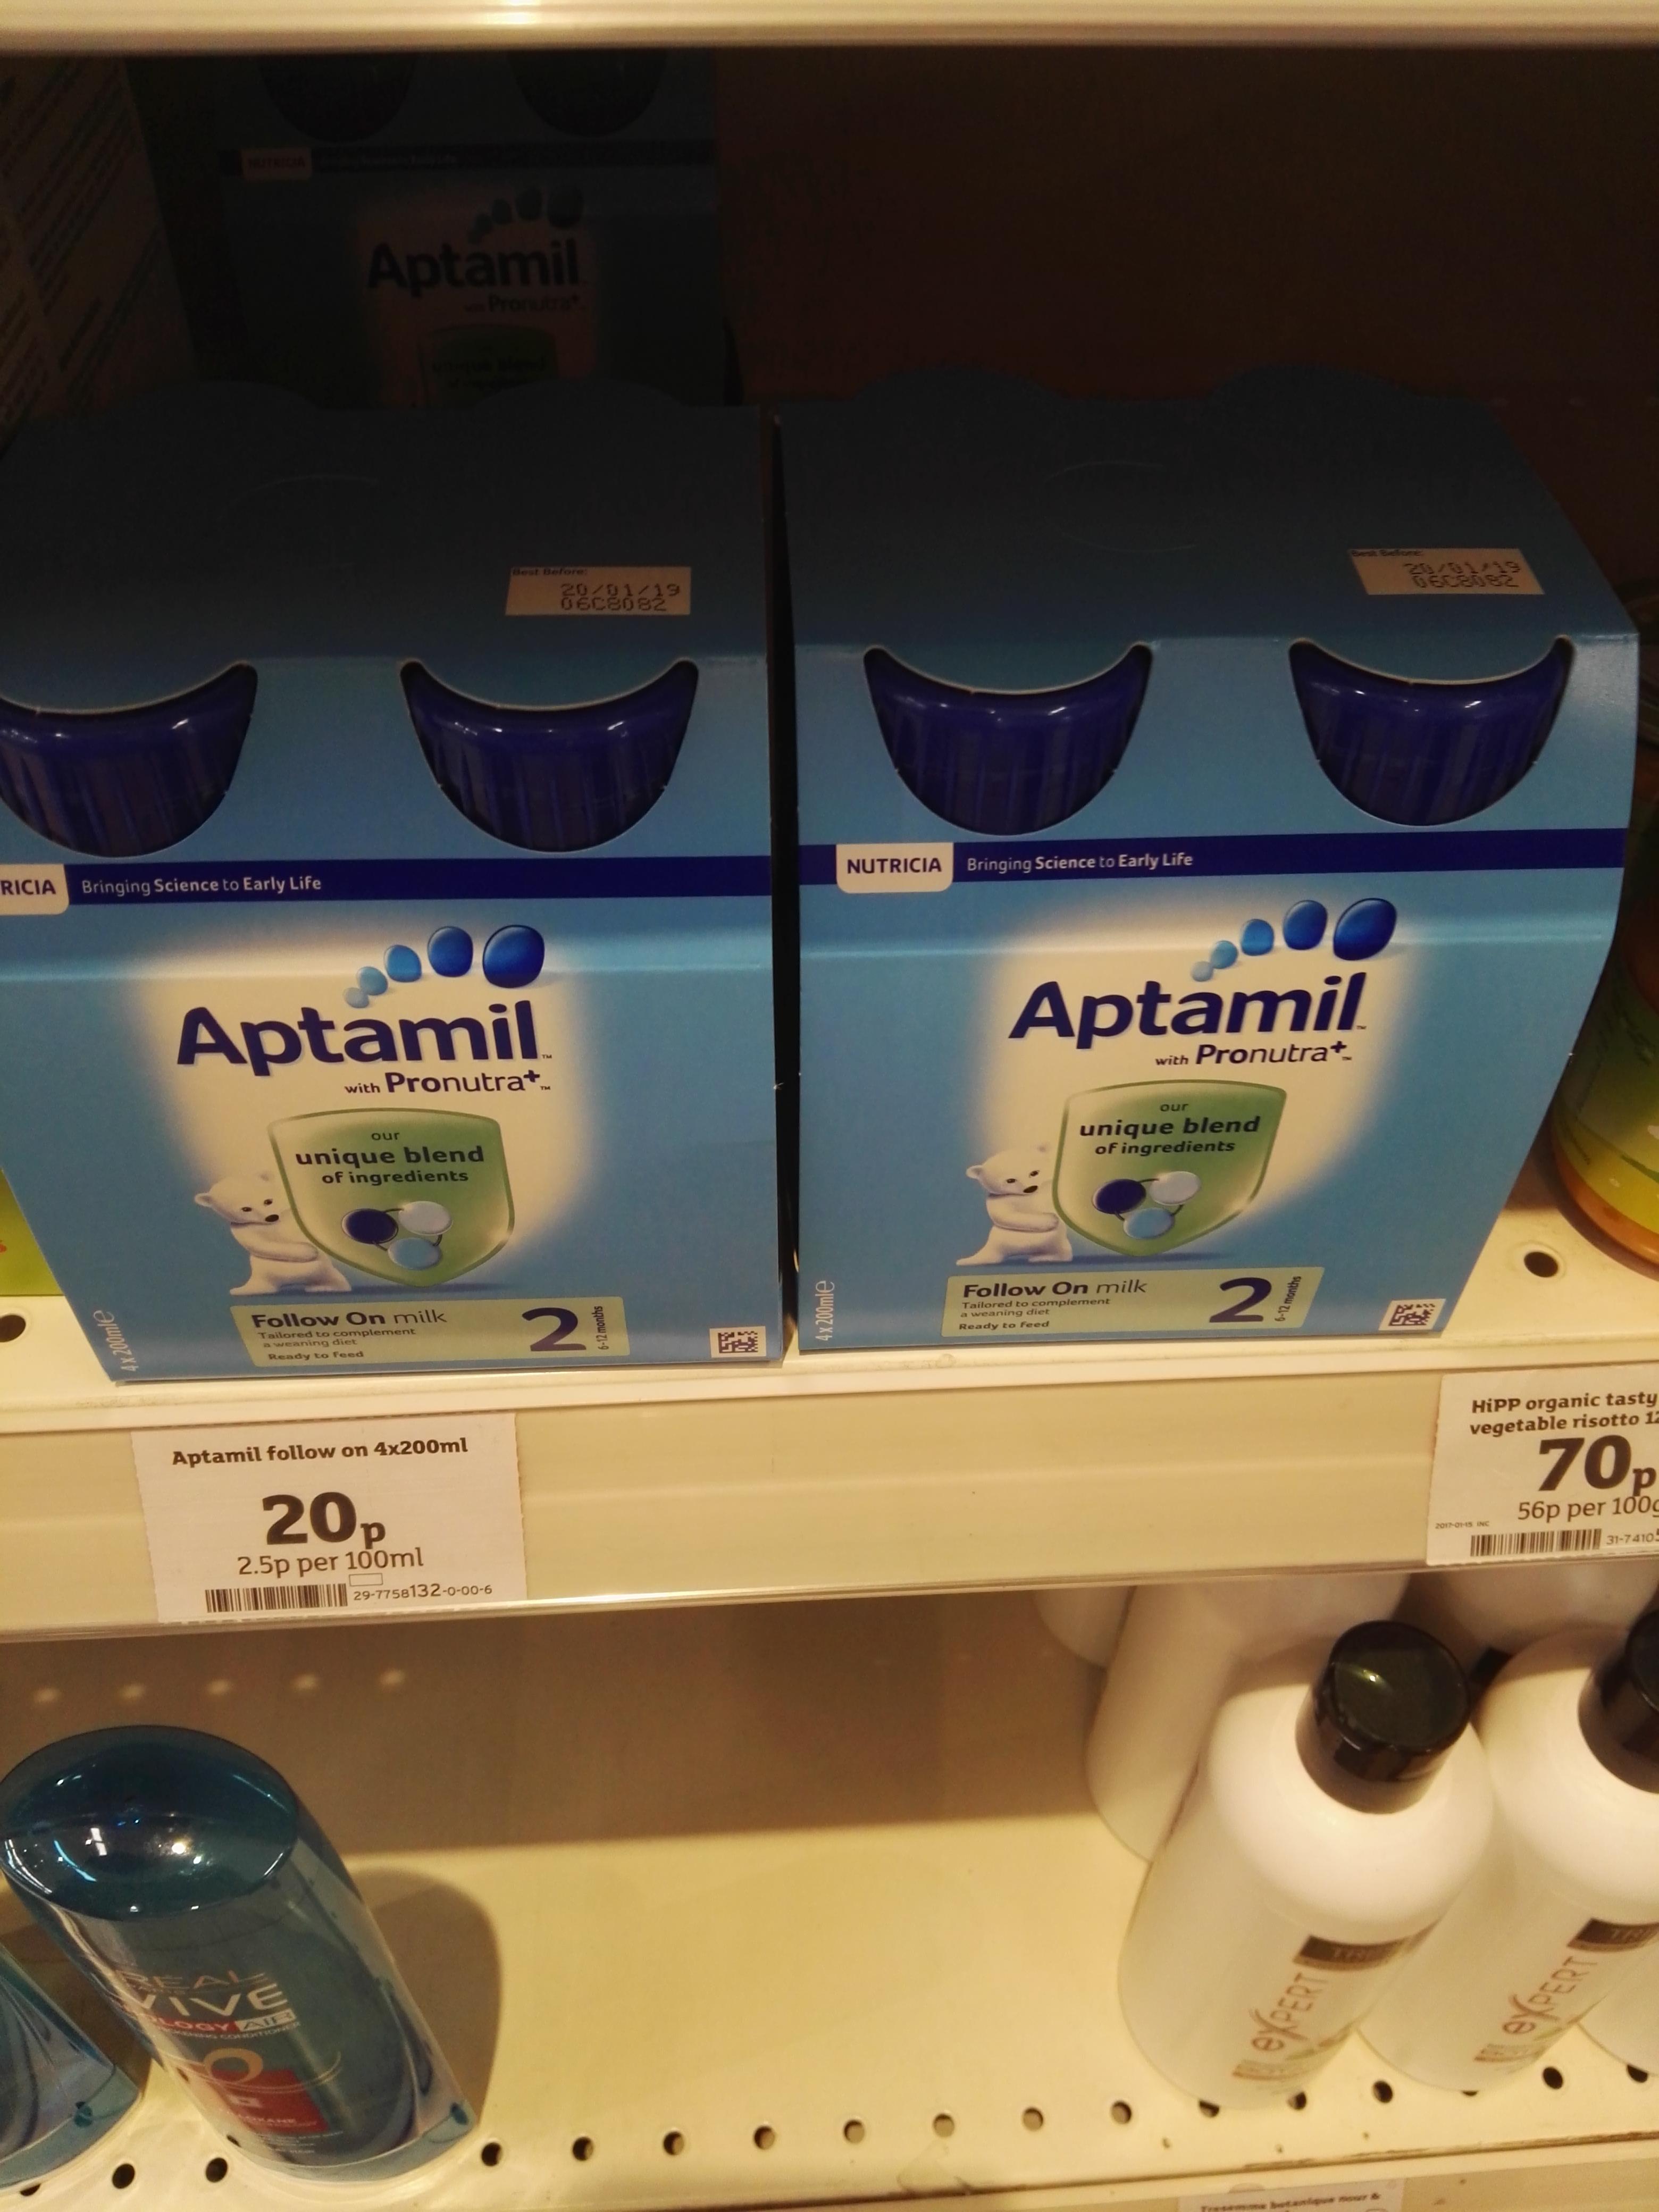 Aptamil follow on milk 4x200ml 20p @ Sainsbury's instore